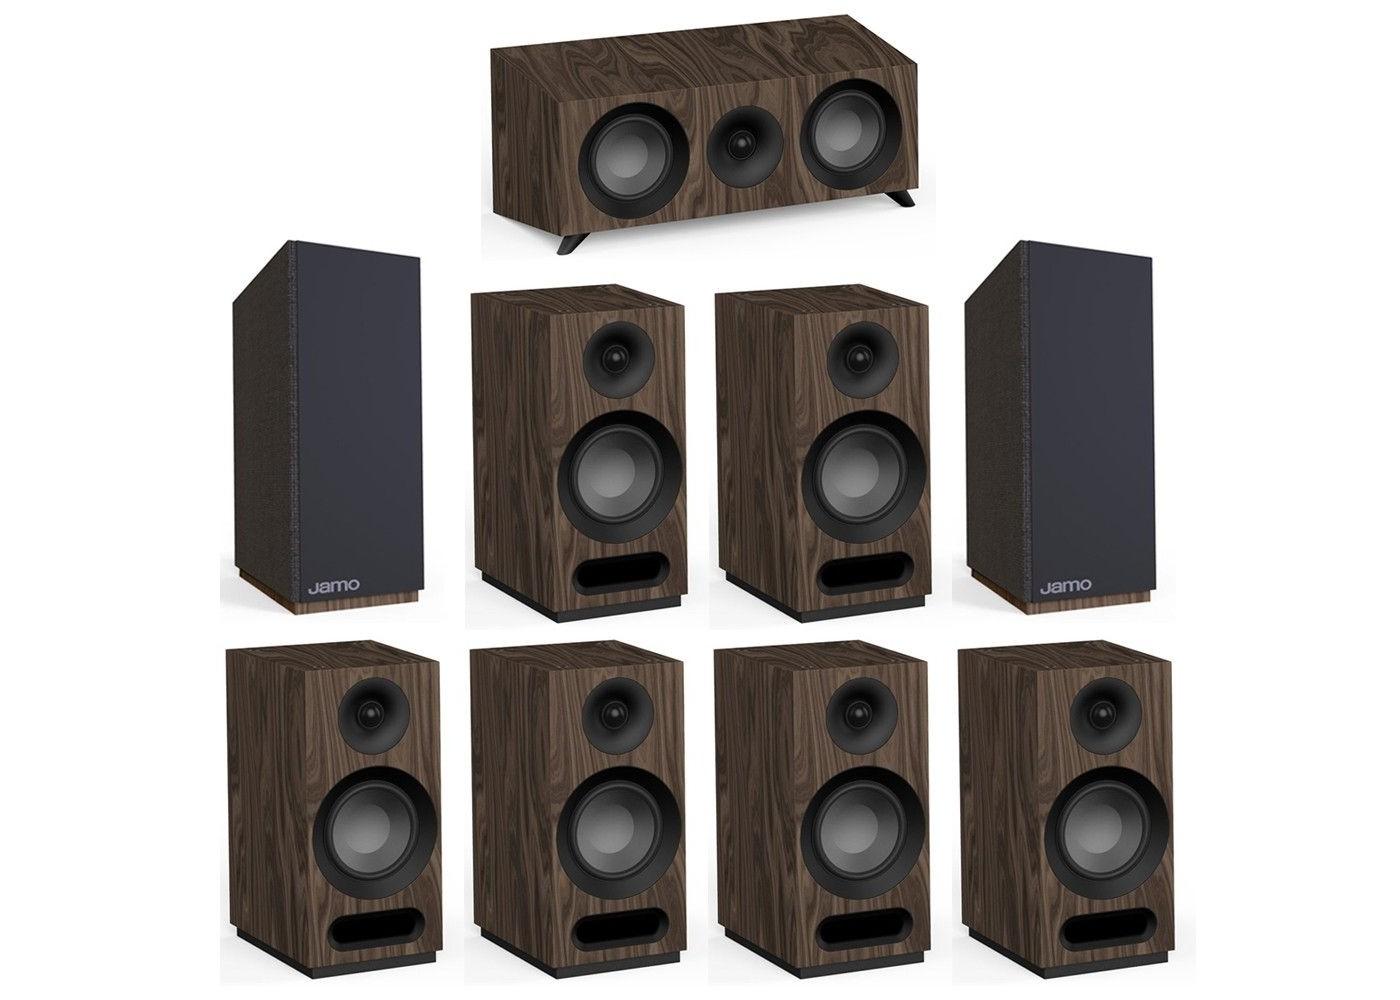 Jamo Studio Series 7 2 Walnut System with 2 Jamo S 803 Bookshelf Speakers,  1 Jamo S 83 Center Speaker, 4 S 803 Bookshelf Speakers, 2 Jamo S 810